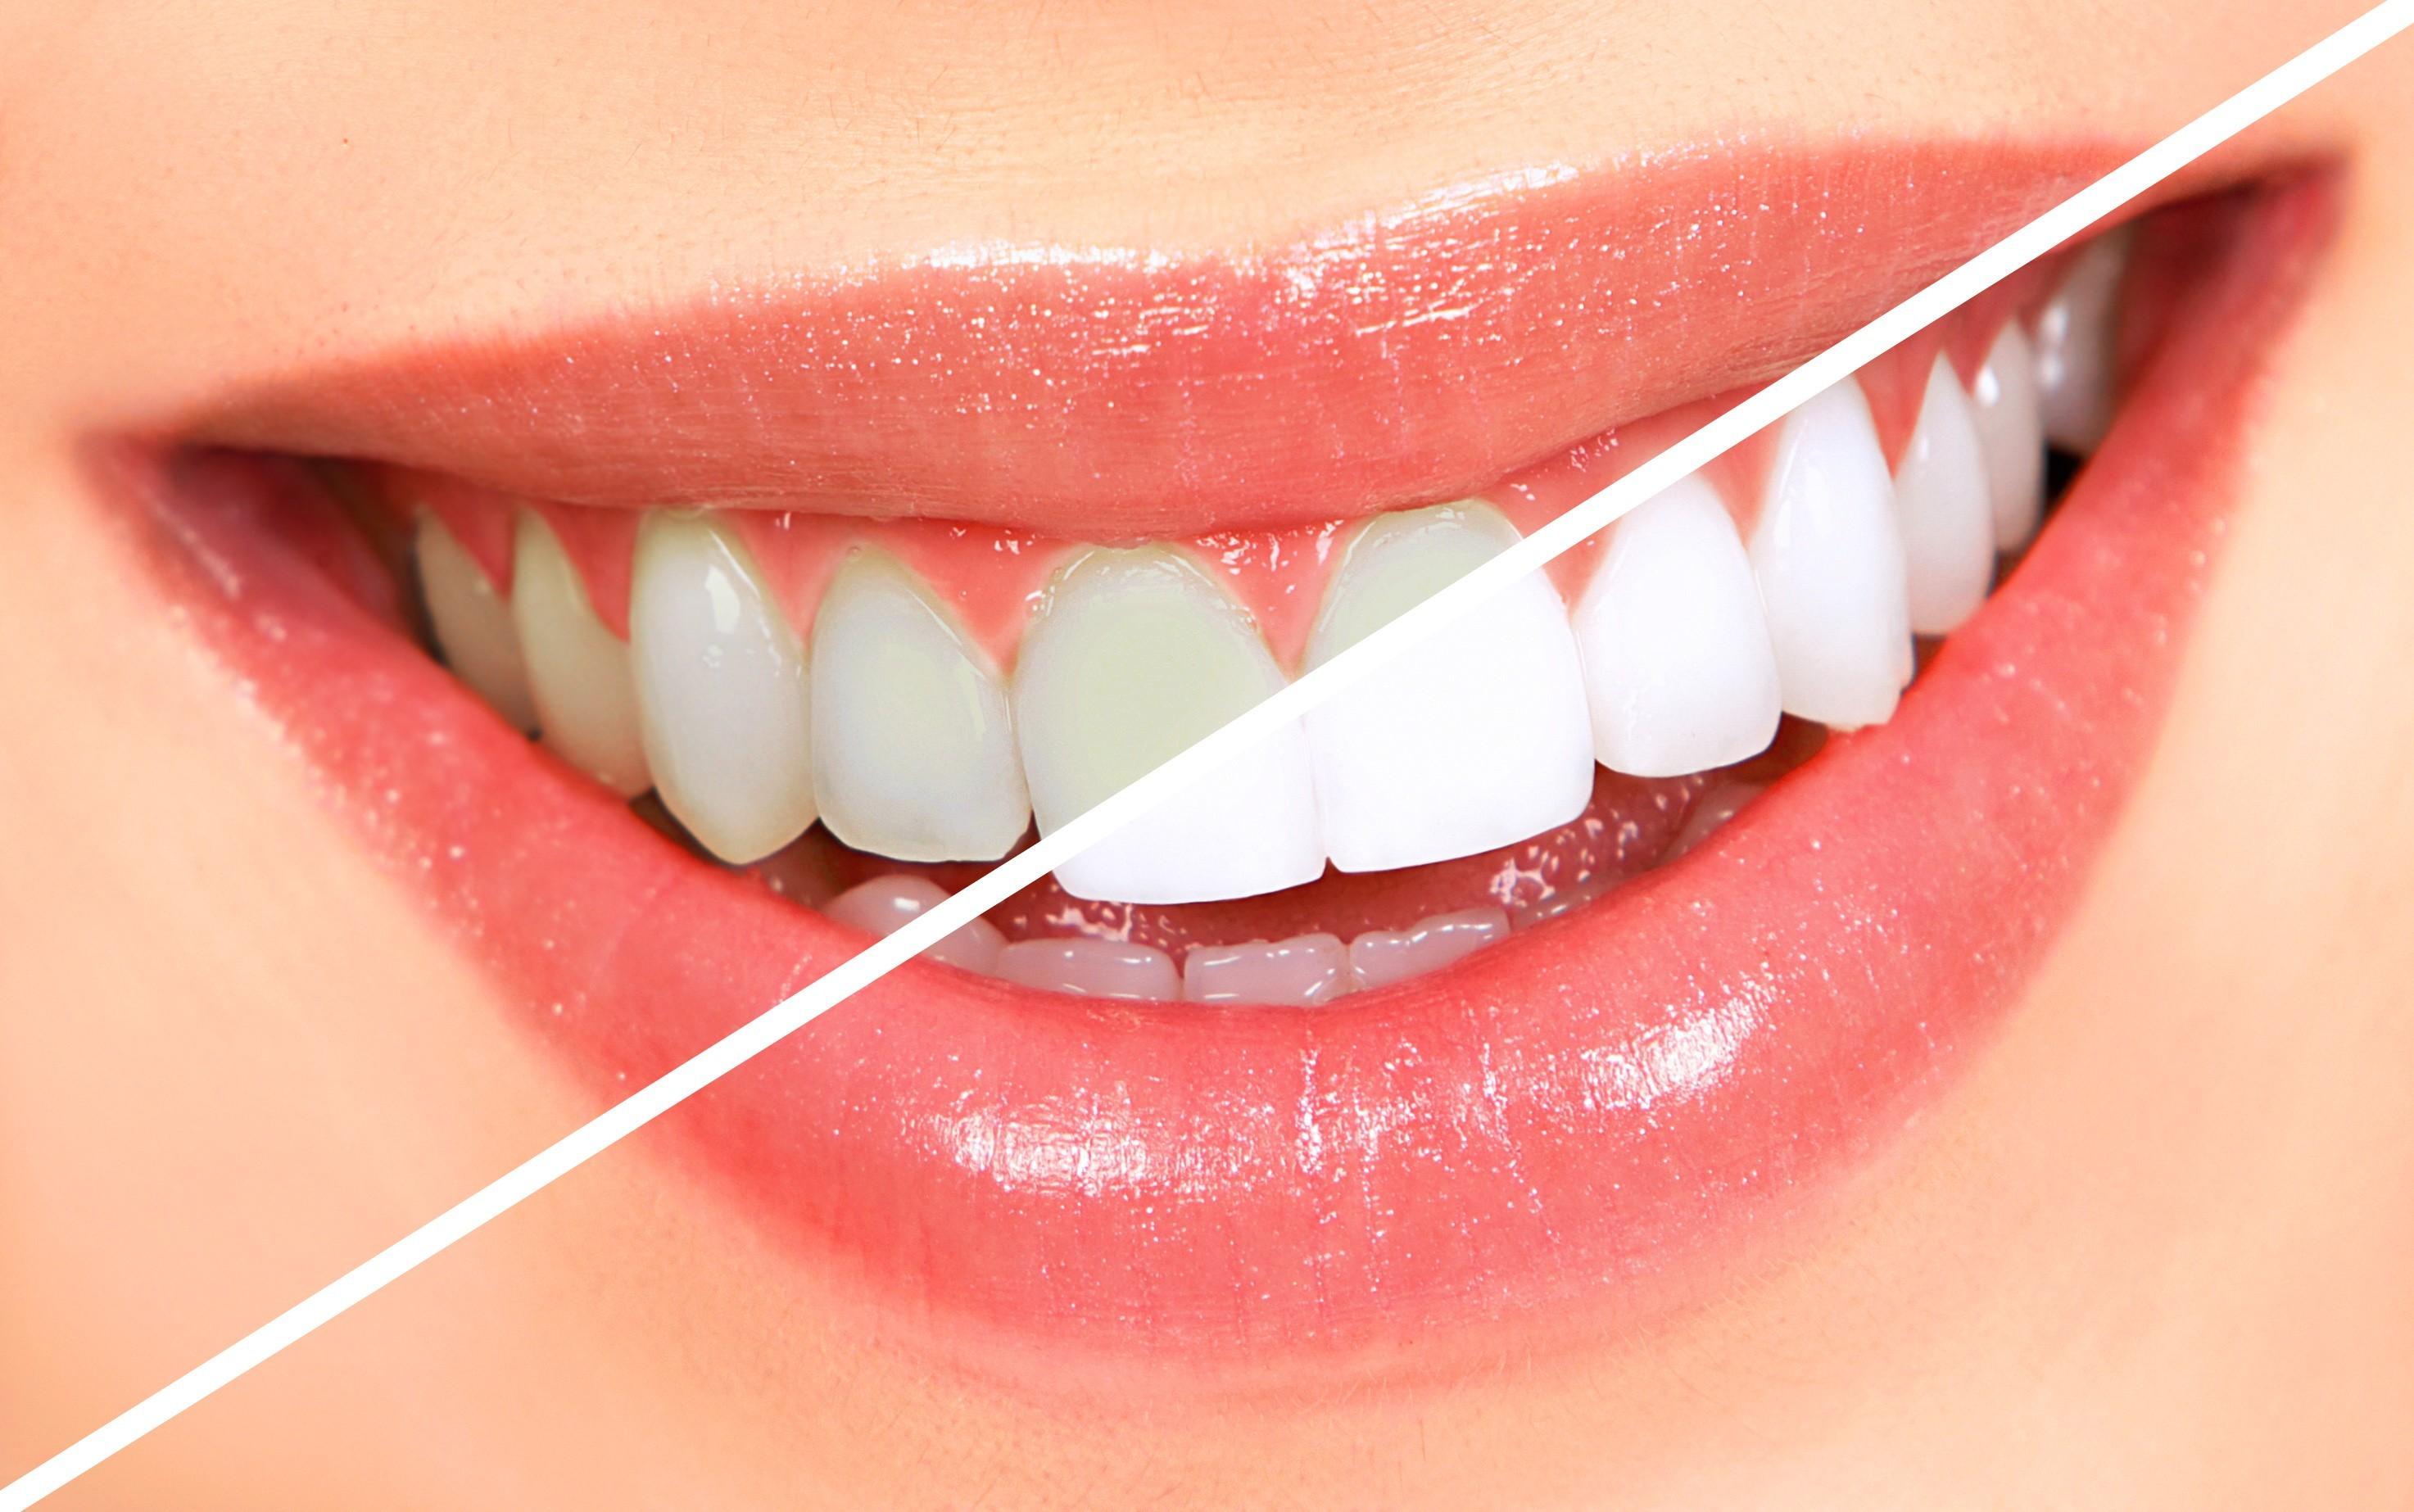 مزایا و معایب بلیچینگ دندان، سفیدکردن دندان با لیزر